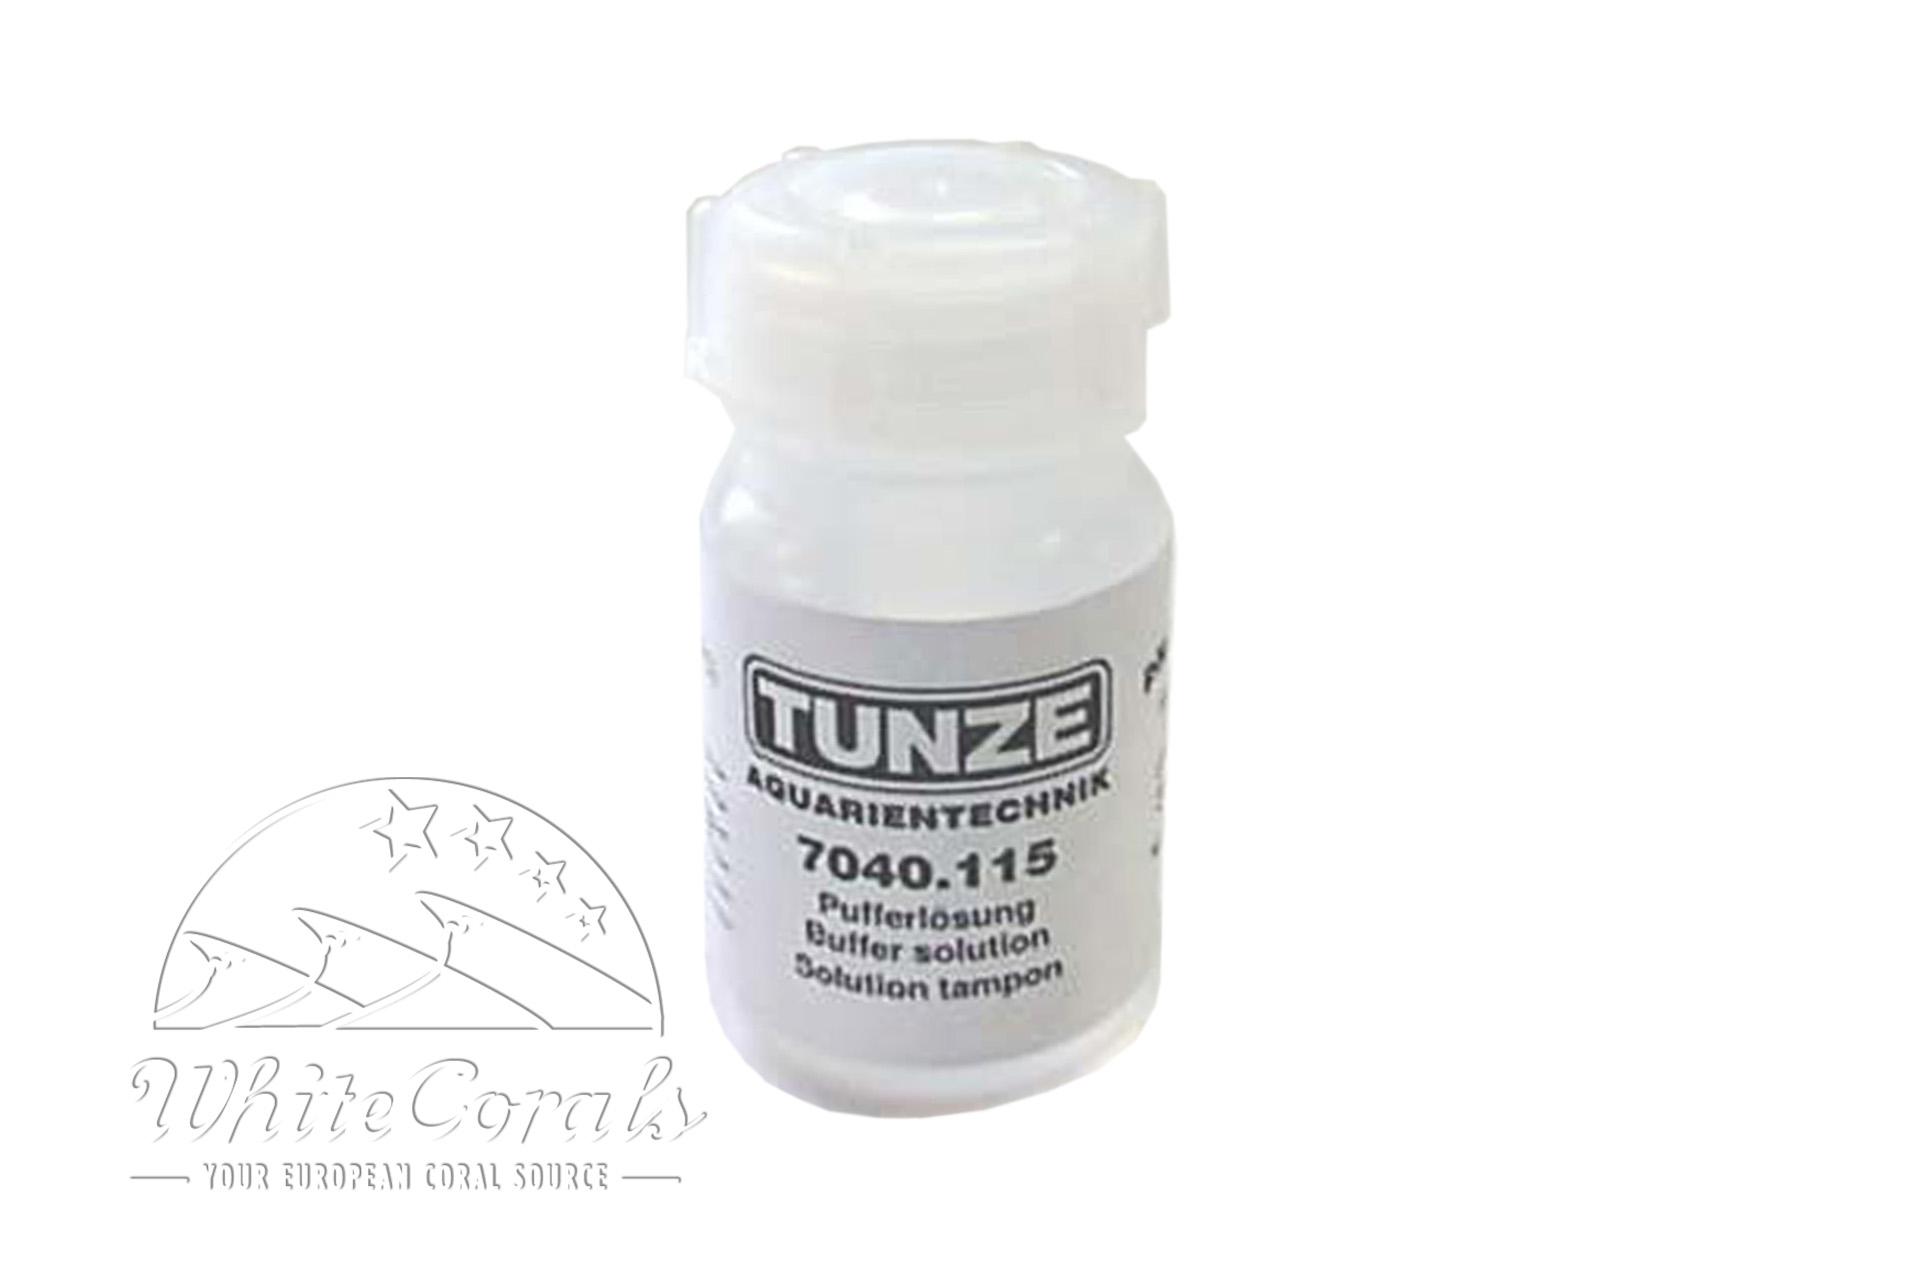 Tunze Comline Foamer Kalibrierlösung 7030.140 50ml